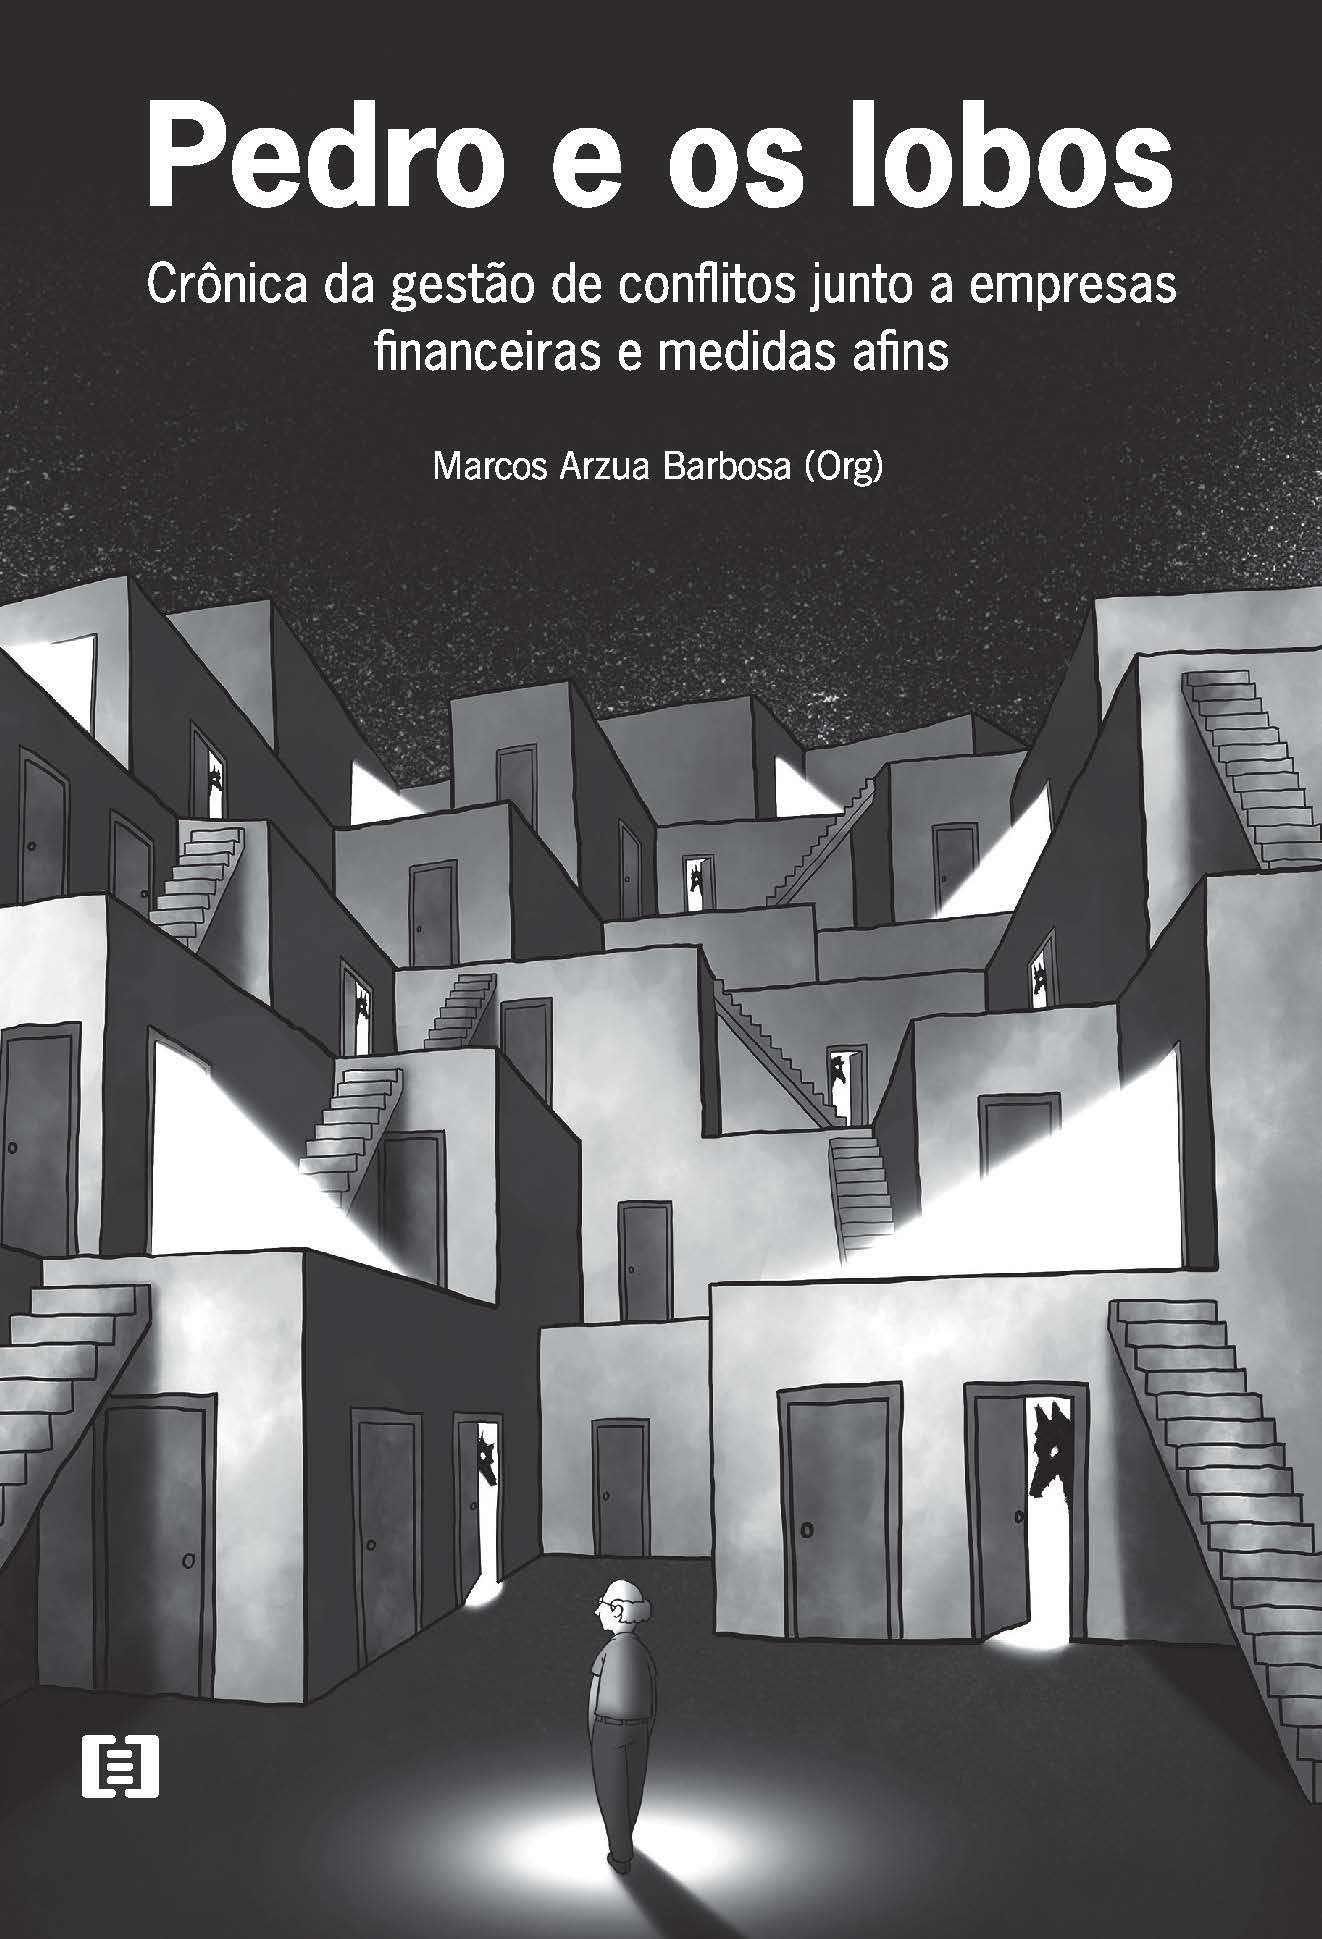 Pedro e os lobos: Crônica da gestão de conflitos junto a empresas financeiras e medidas afins